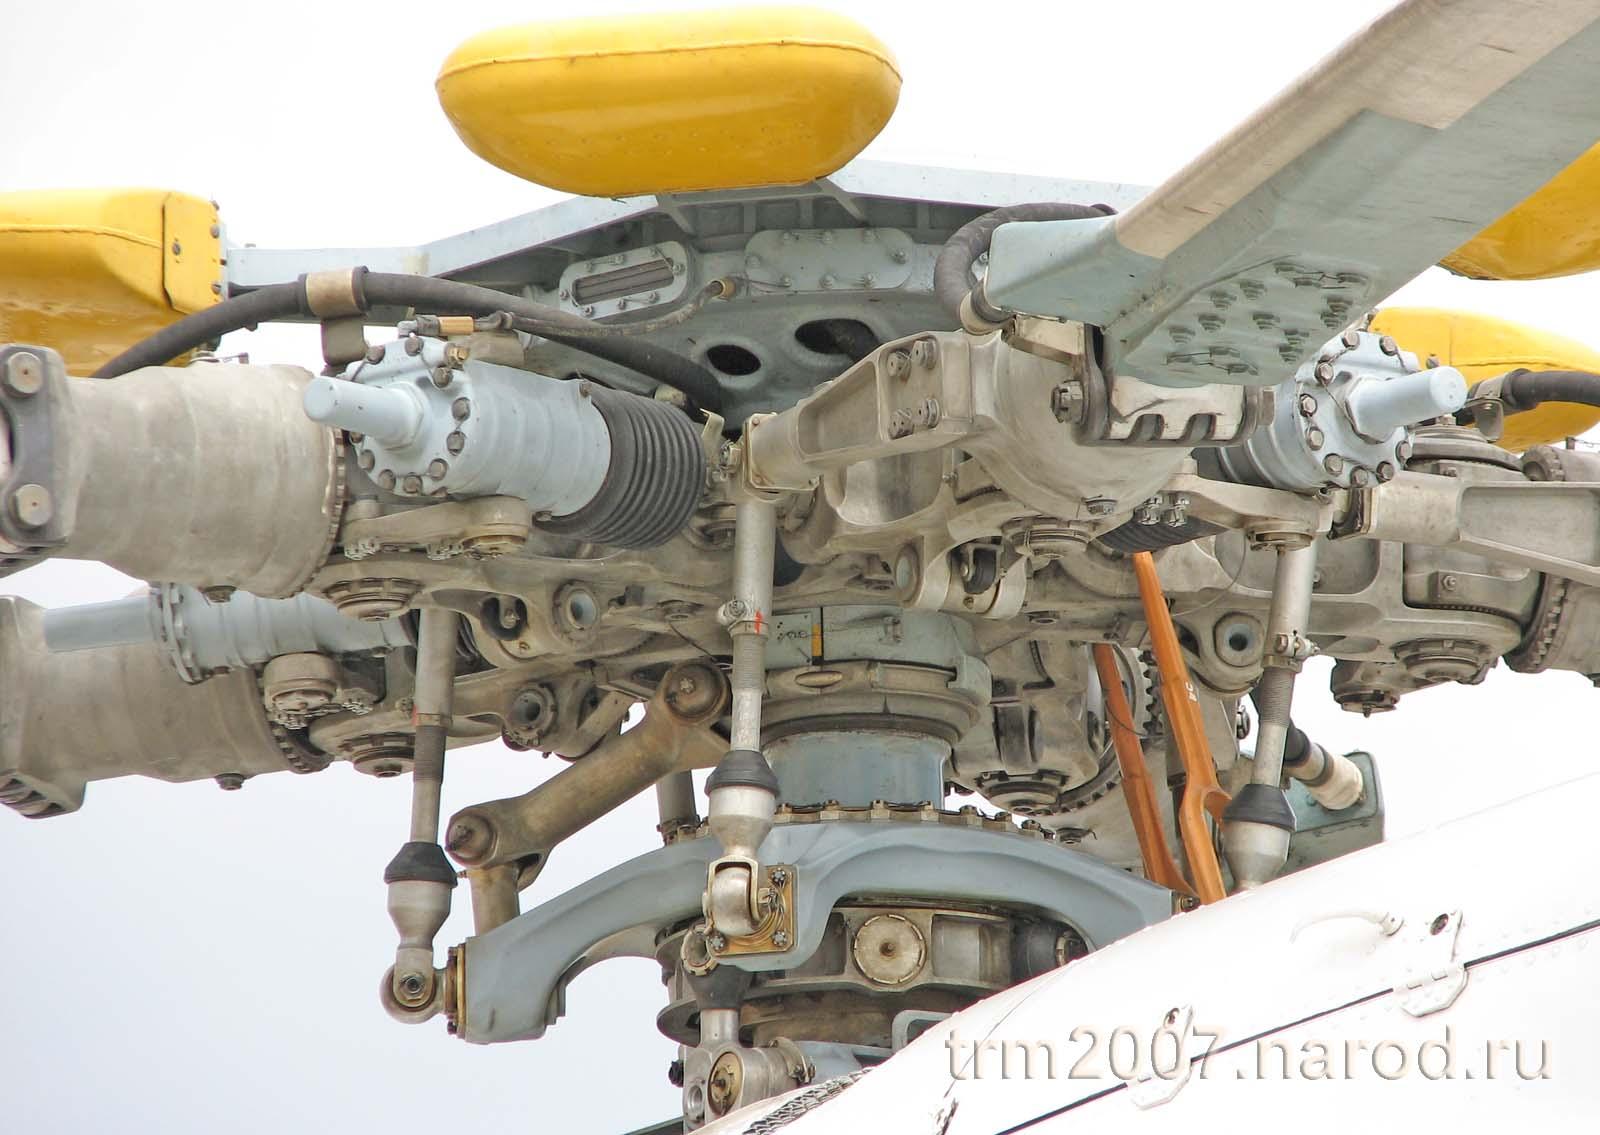 Конструкция несущего винта вертолета МИ-8ТП крупным планом